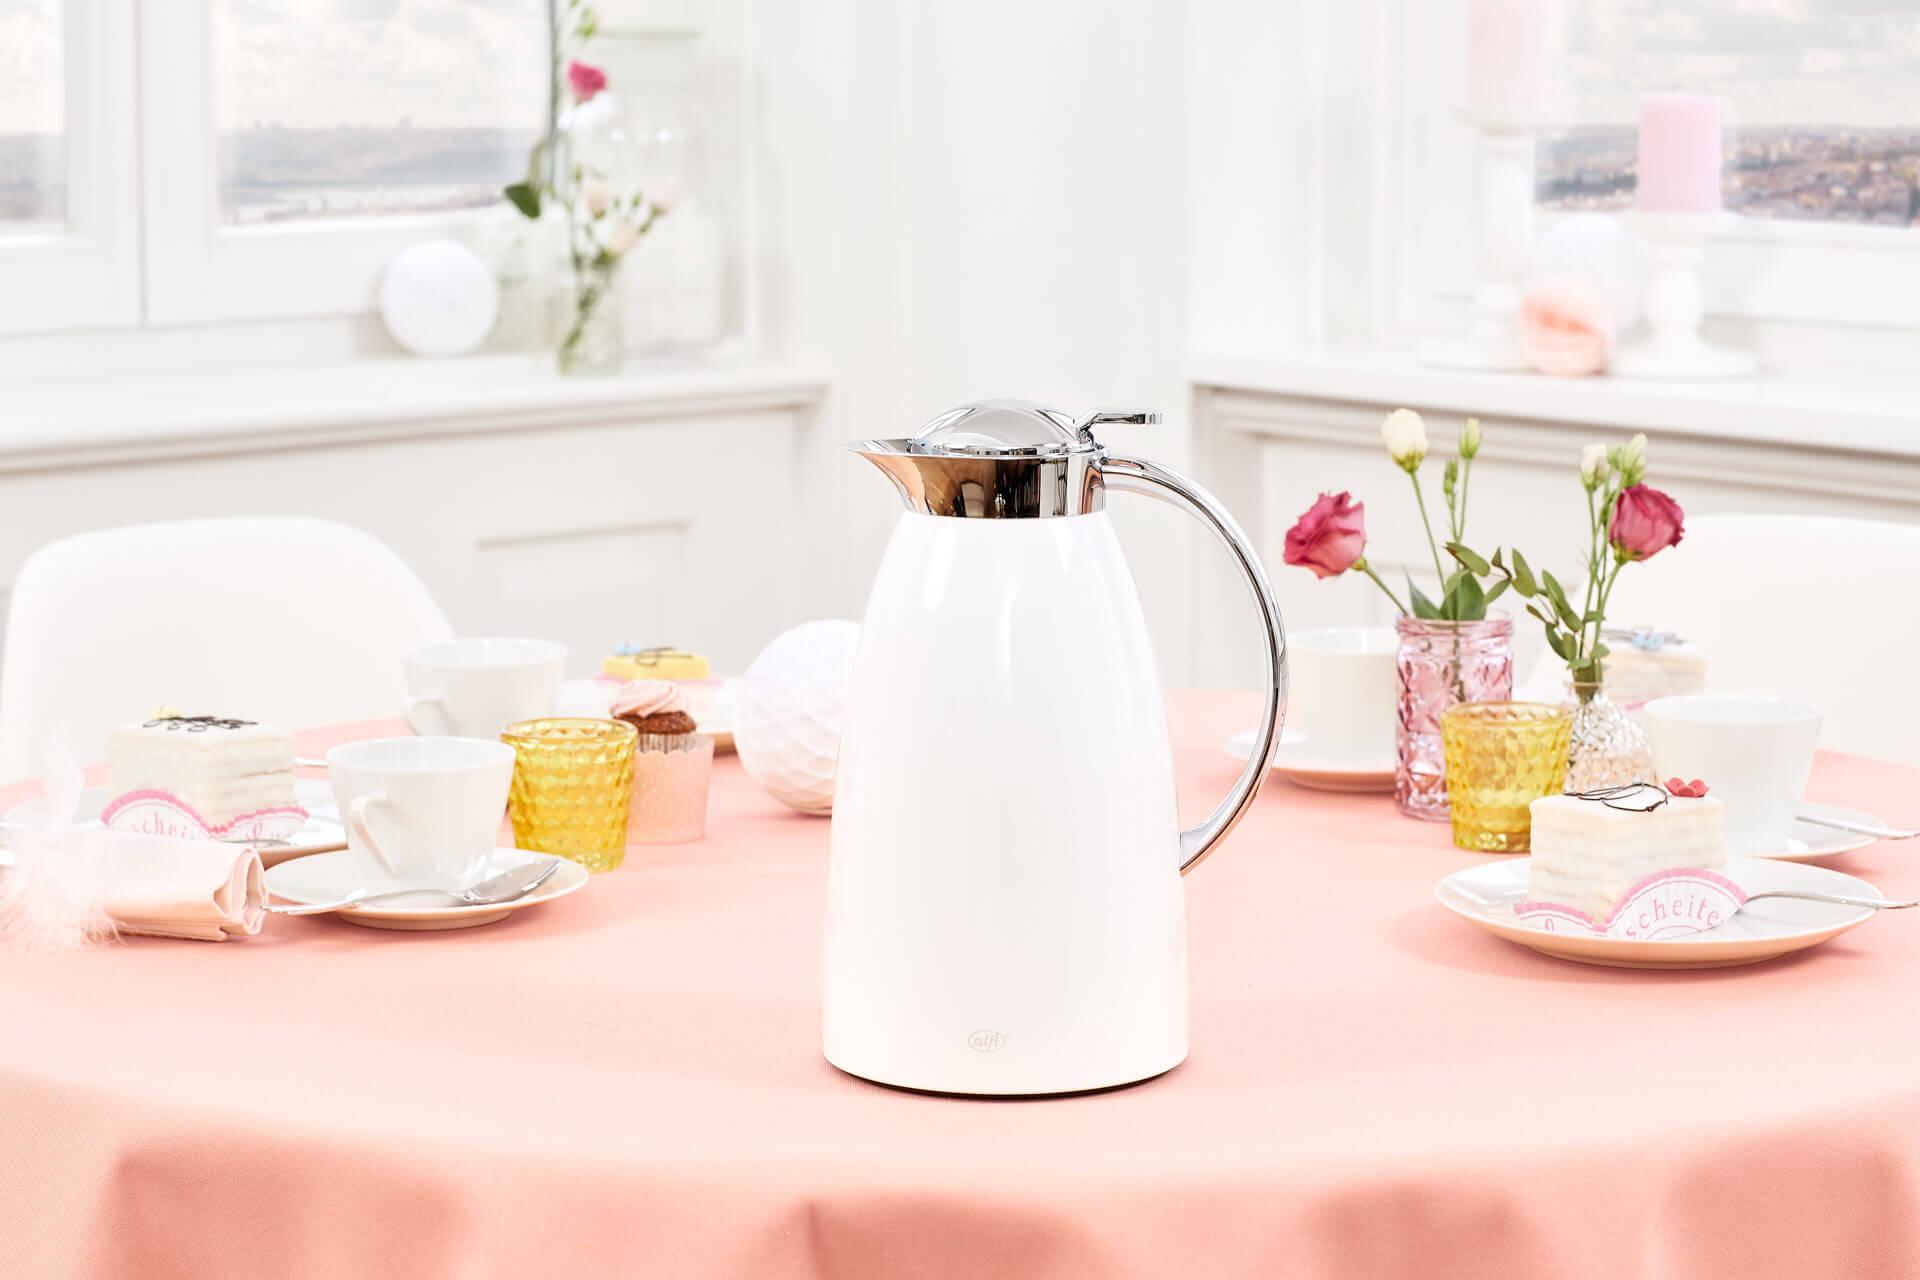 Markteinführung der weißen Gusto von alfi: Kanne auf einem schön gedeckten Kaffeetisch.